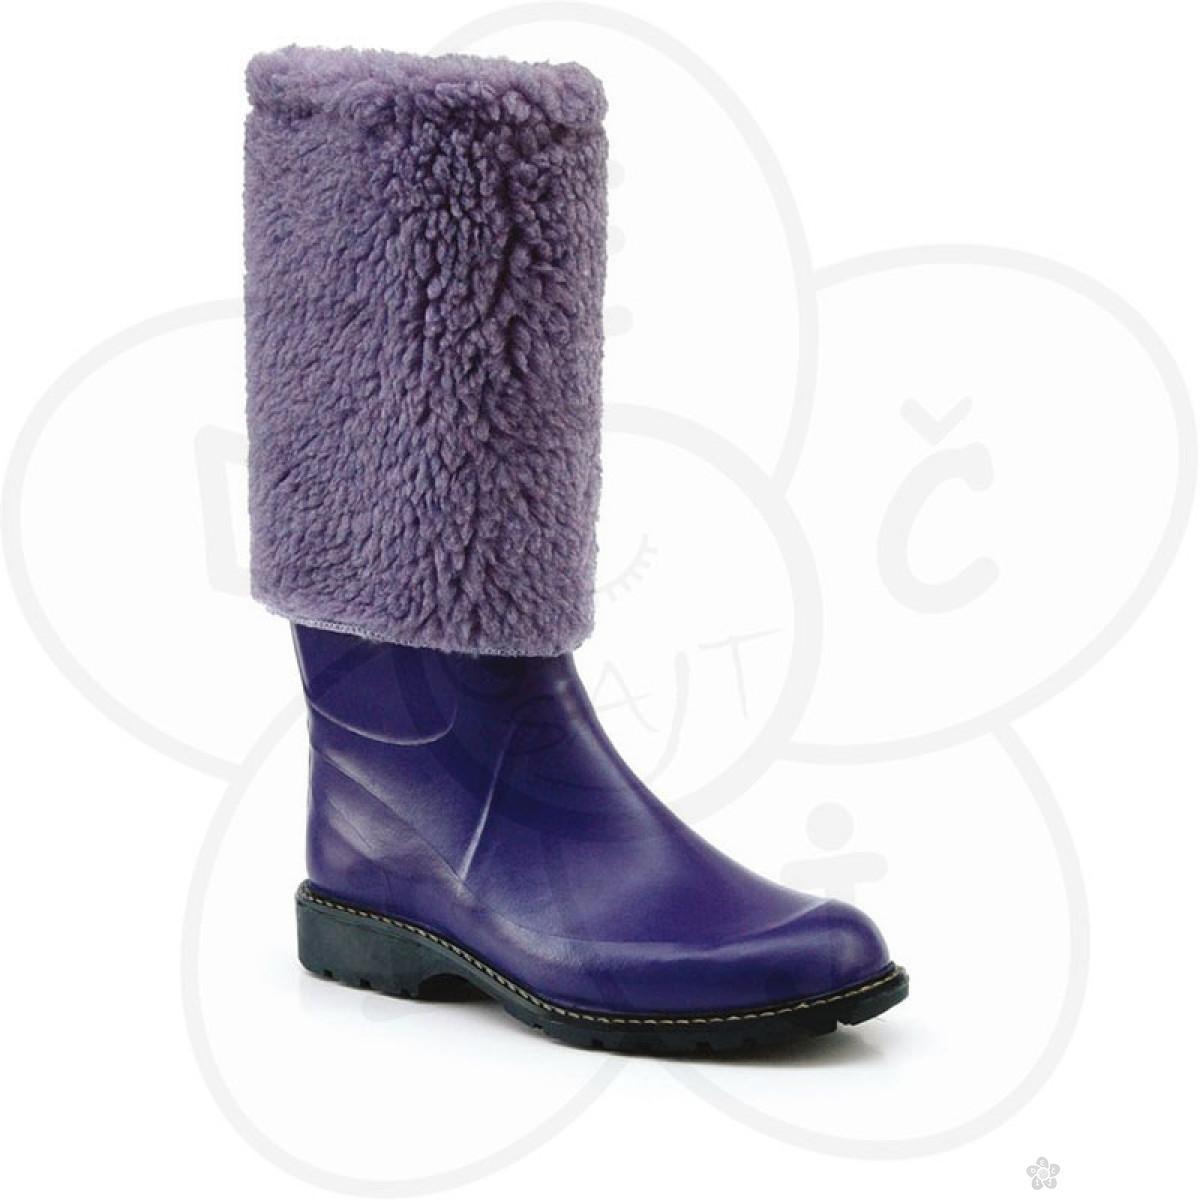 Maniera čizme Classic&Fur